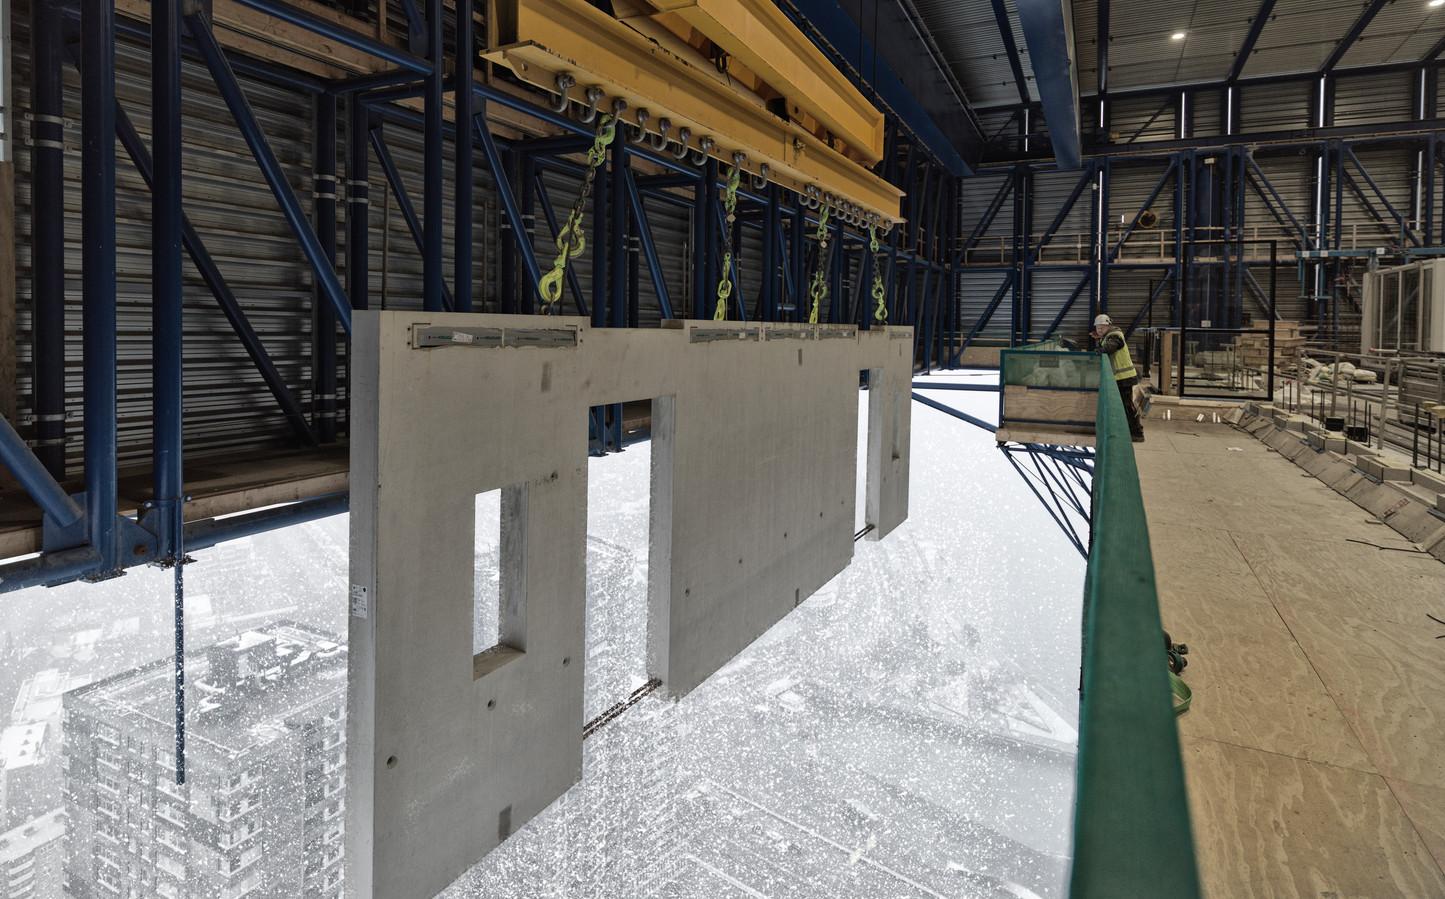 Byldis bouwt aan de 215 meter hoge toren van project De Zalmhaven in Rotterdam. Complete in de fabriek geproduceerde gevelelementen worden naar boven gehesen om te worden gemonteerd.